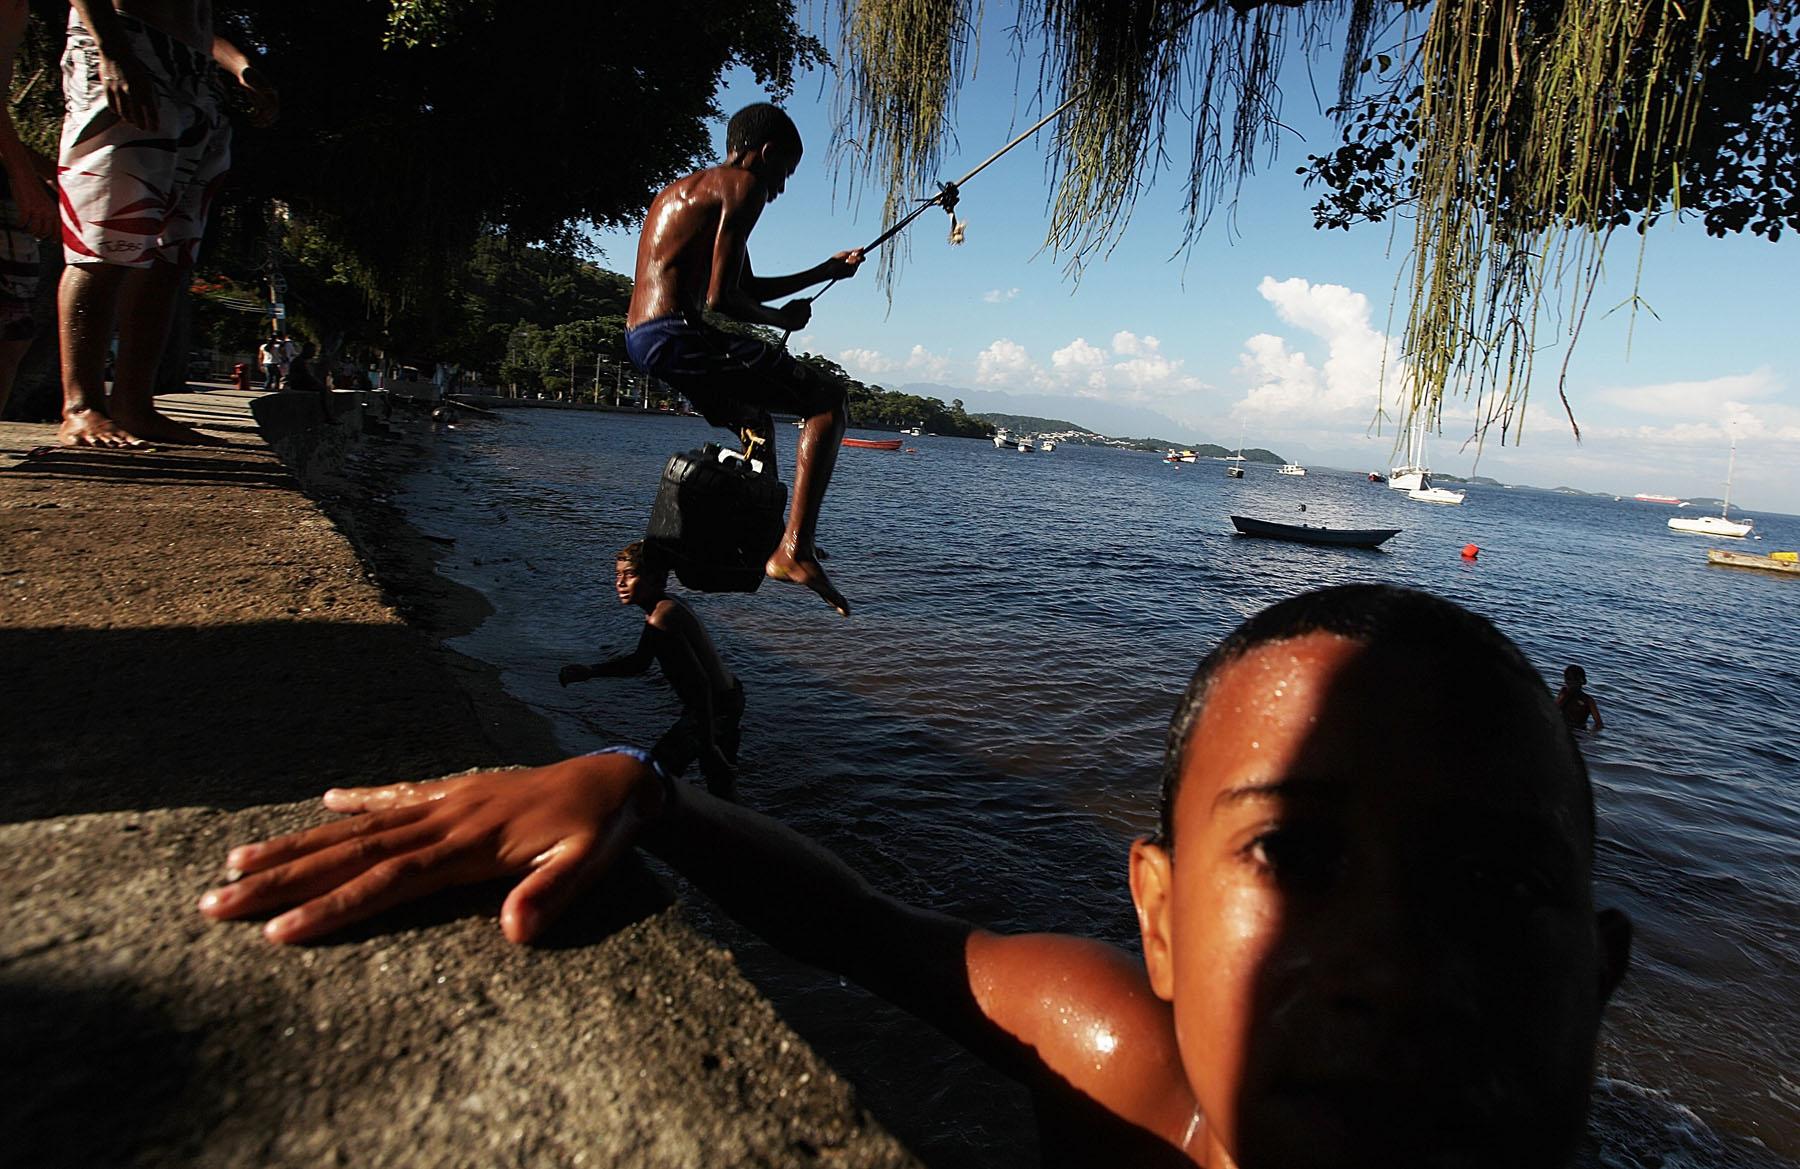 Kids play along the shoreline of Guanabara Bay in the Ilha do Governador neighborhood of Rio de Janeiro on Jan. 21, 2014.